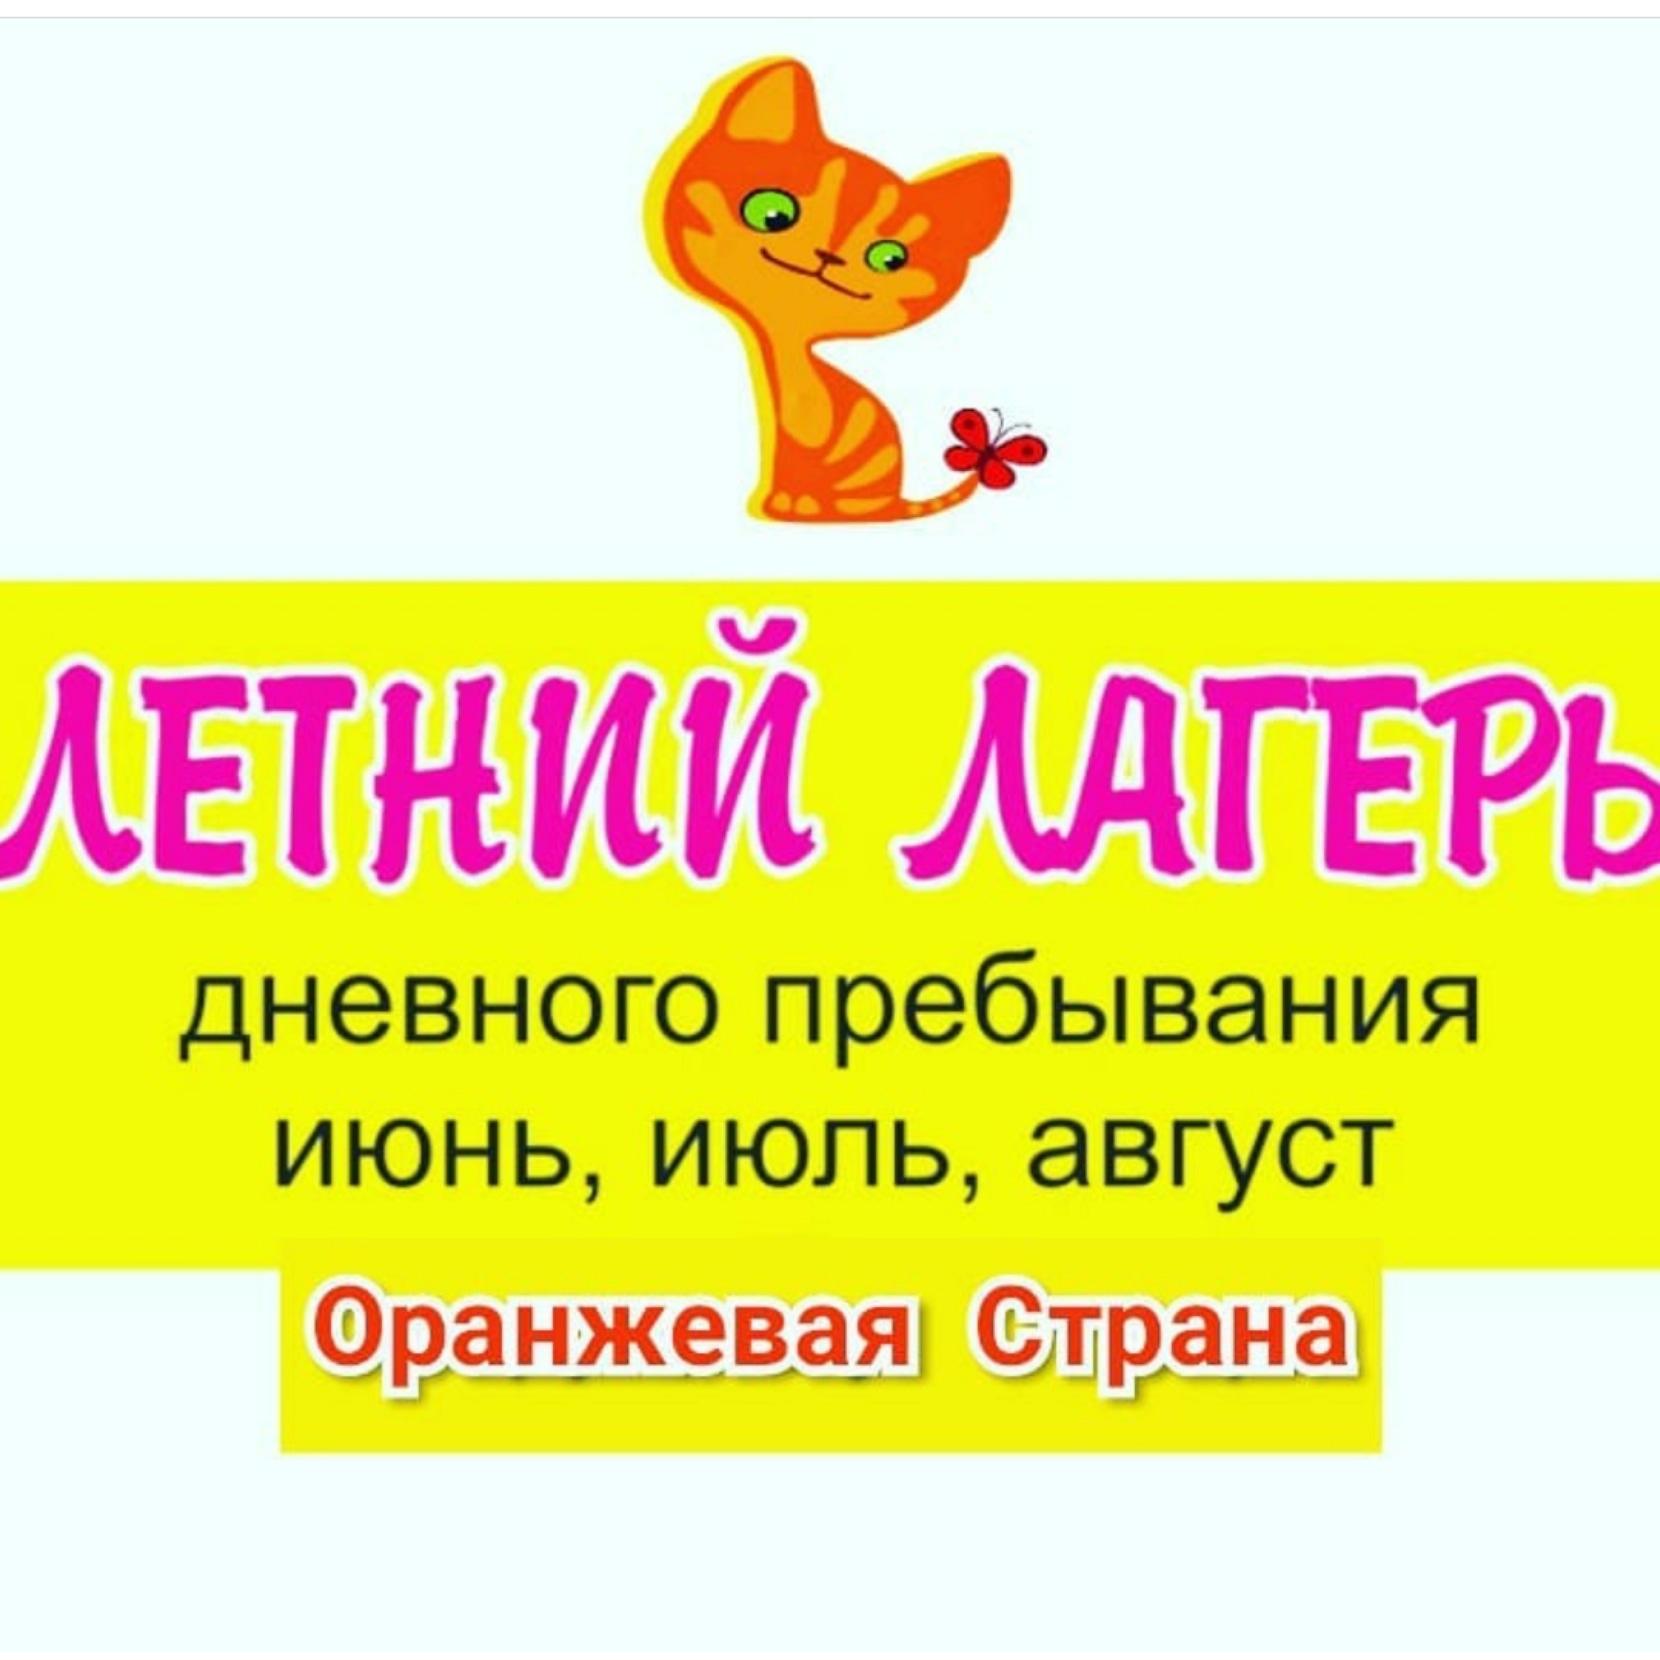 Летний городской Клуб для детей 3-9 лет